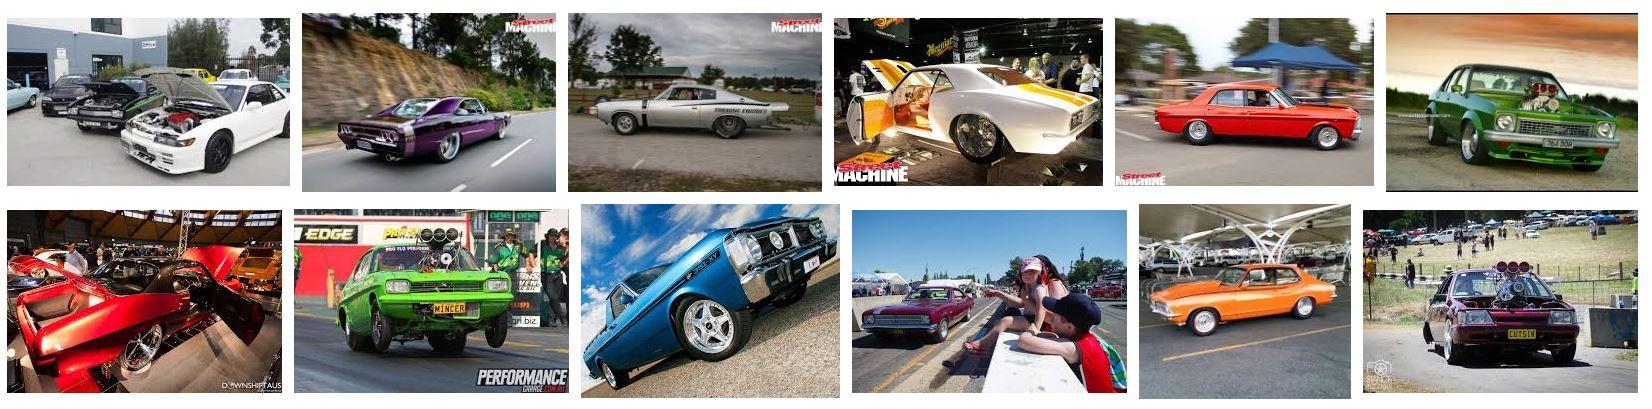 Qld Street Cars